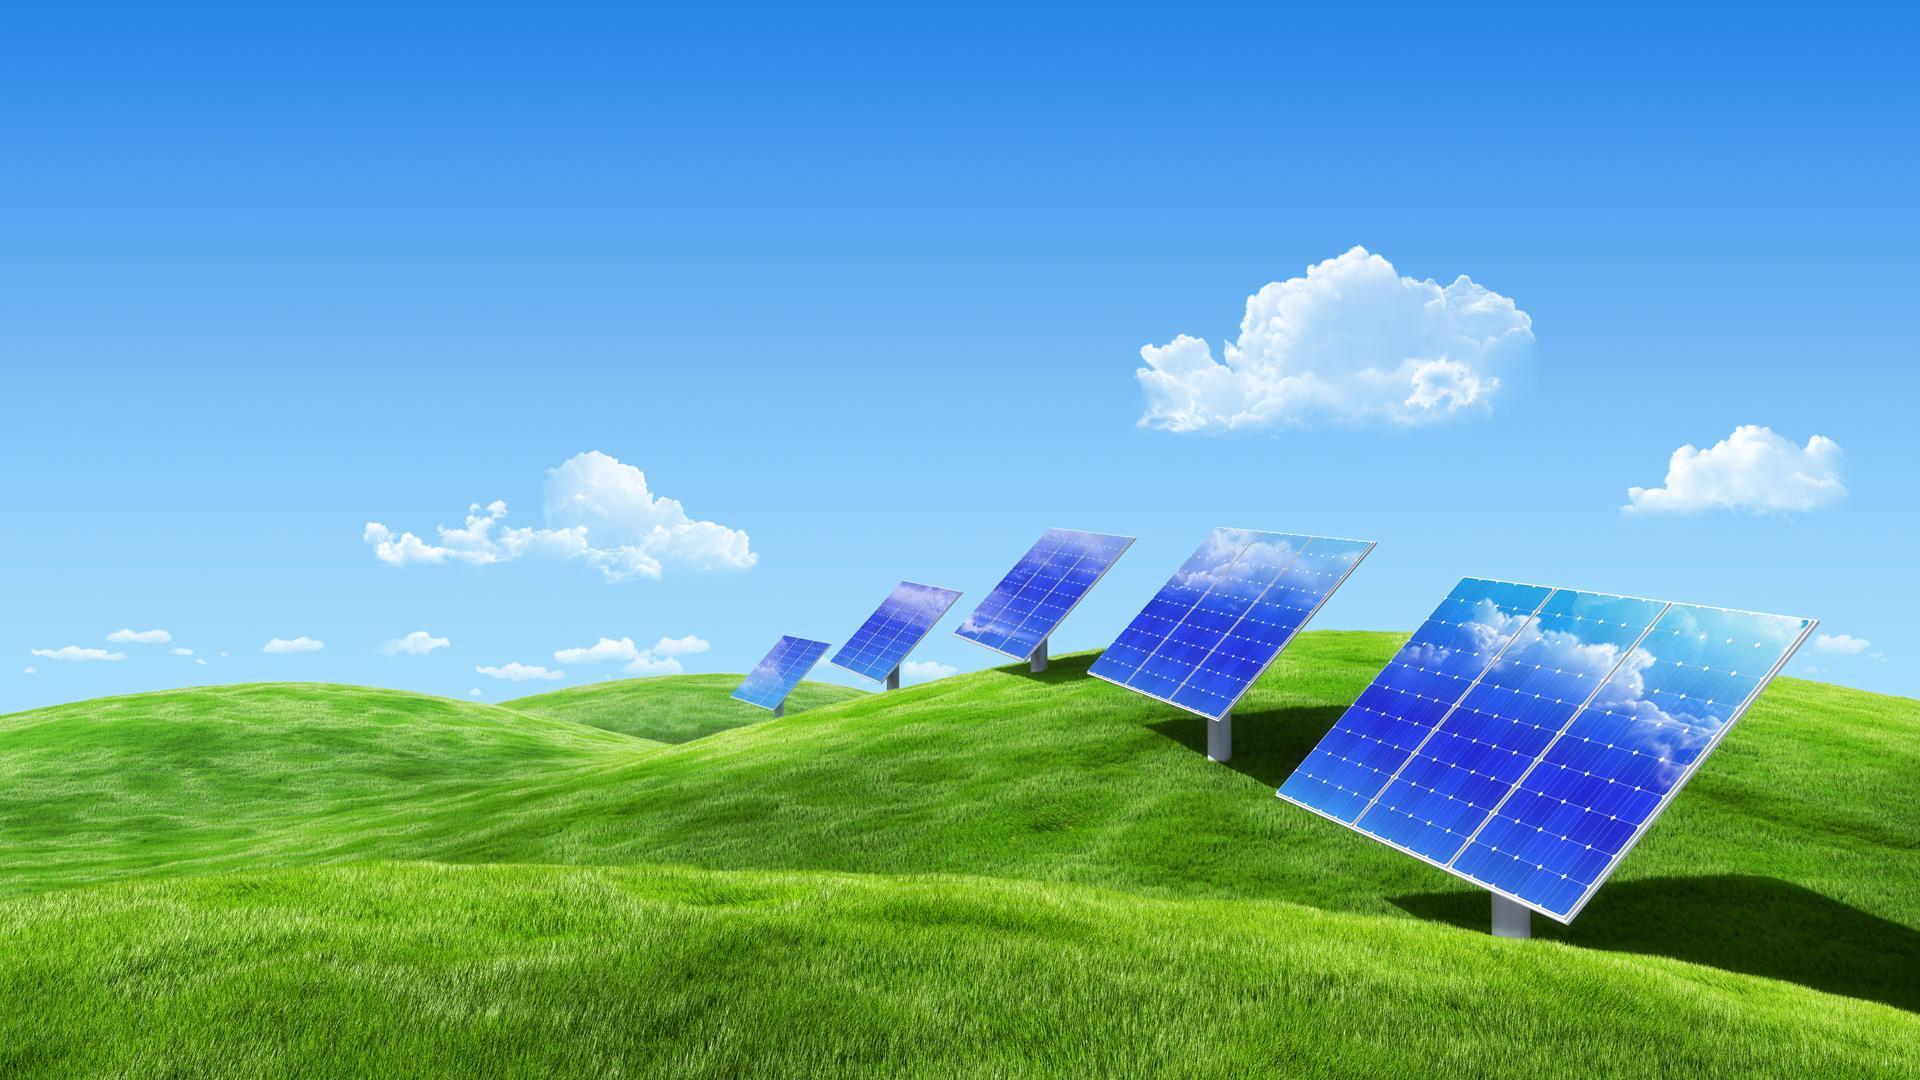 پنل خورشیدی انرژی پاک، مناسب برای محیط زیست - سرمایه گذاری در پنل خورشیدی